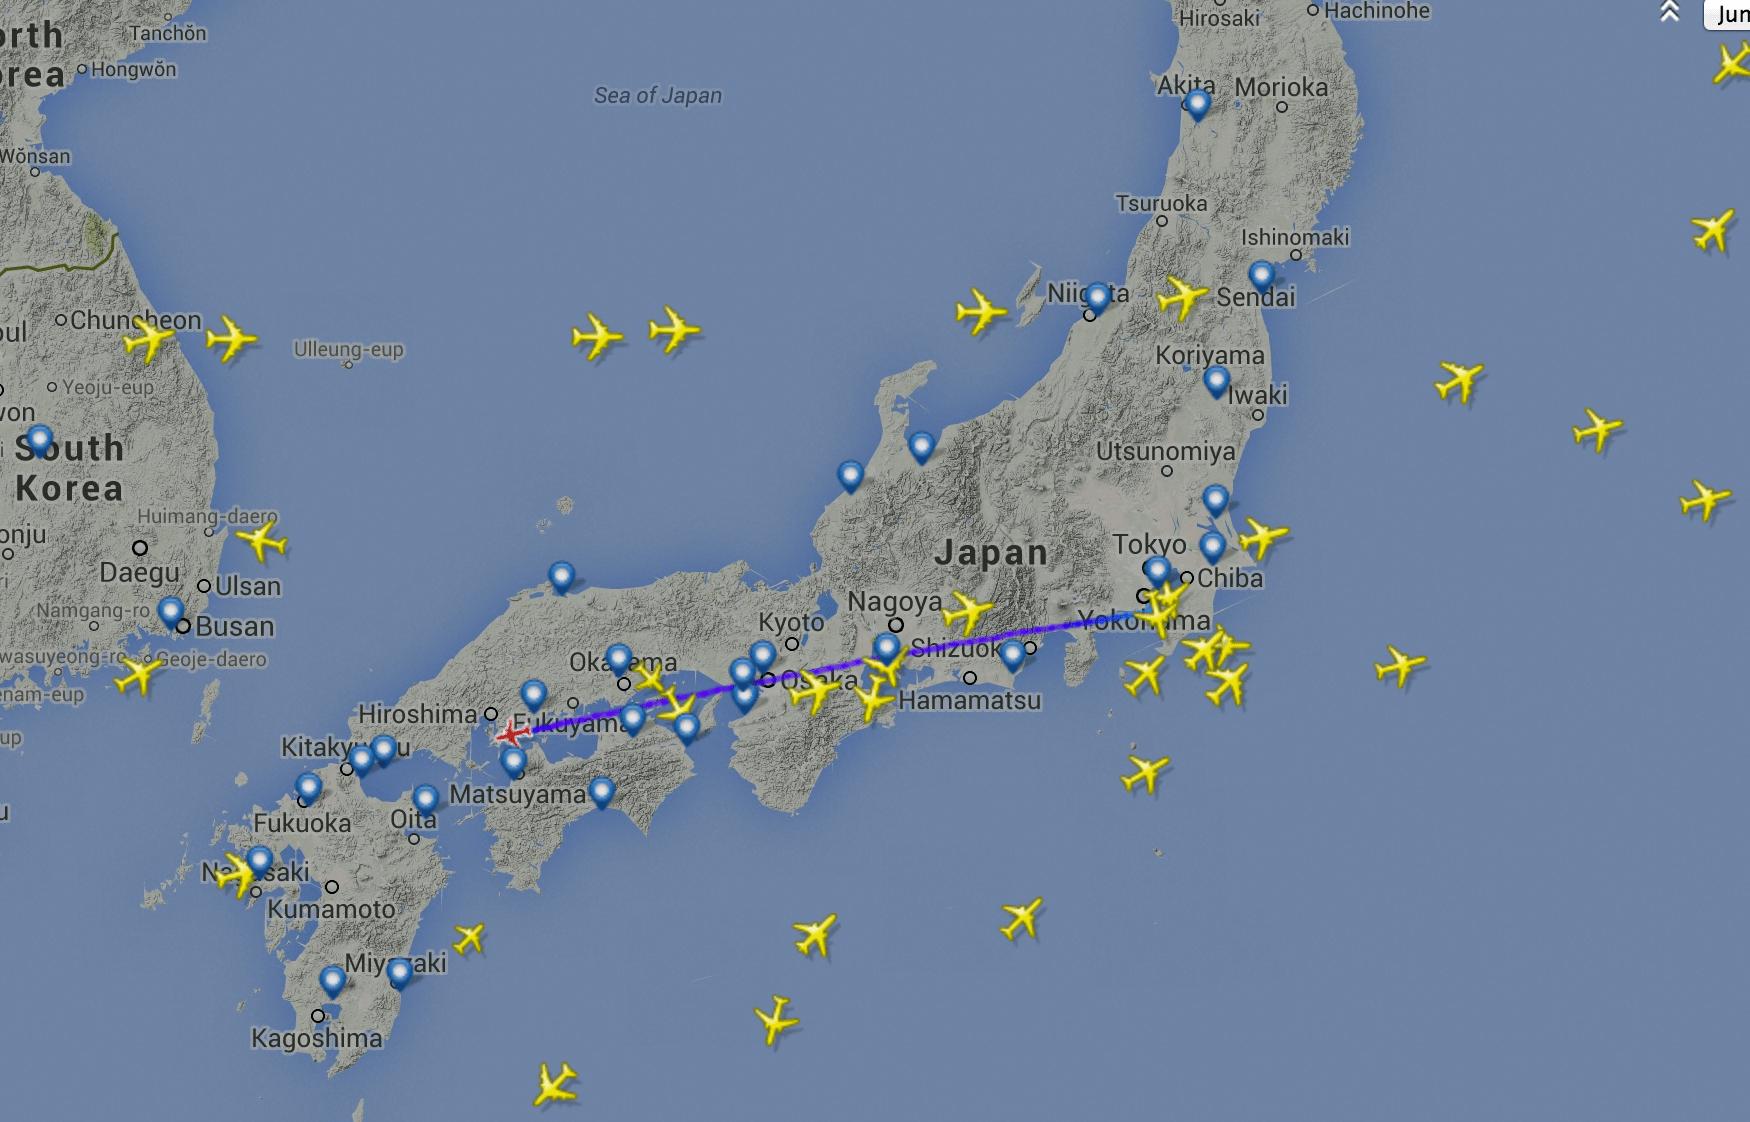 Flightradar24_com_-_Live_flight_tracker_ 8